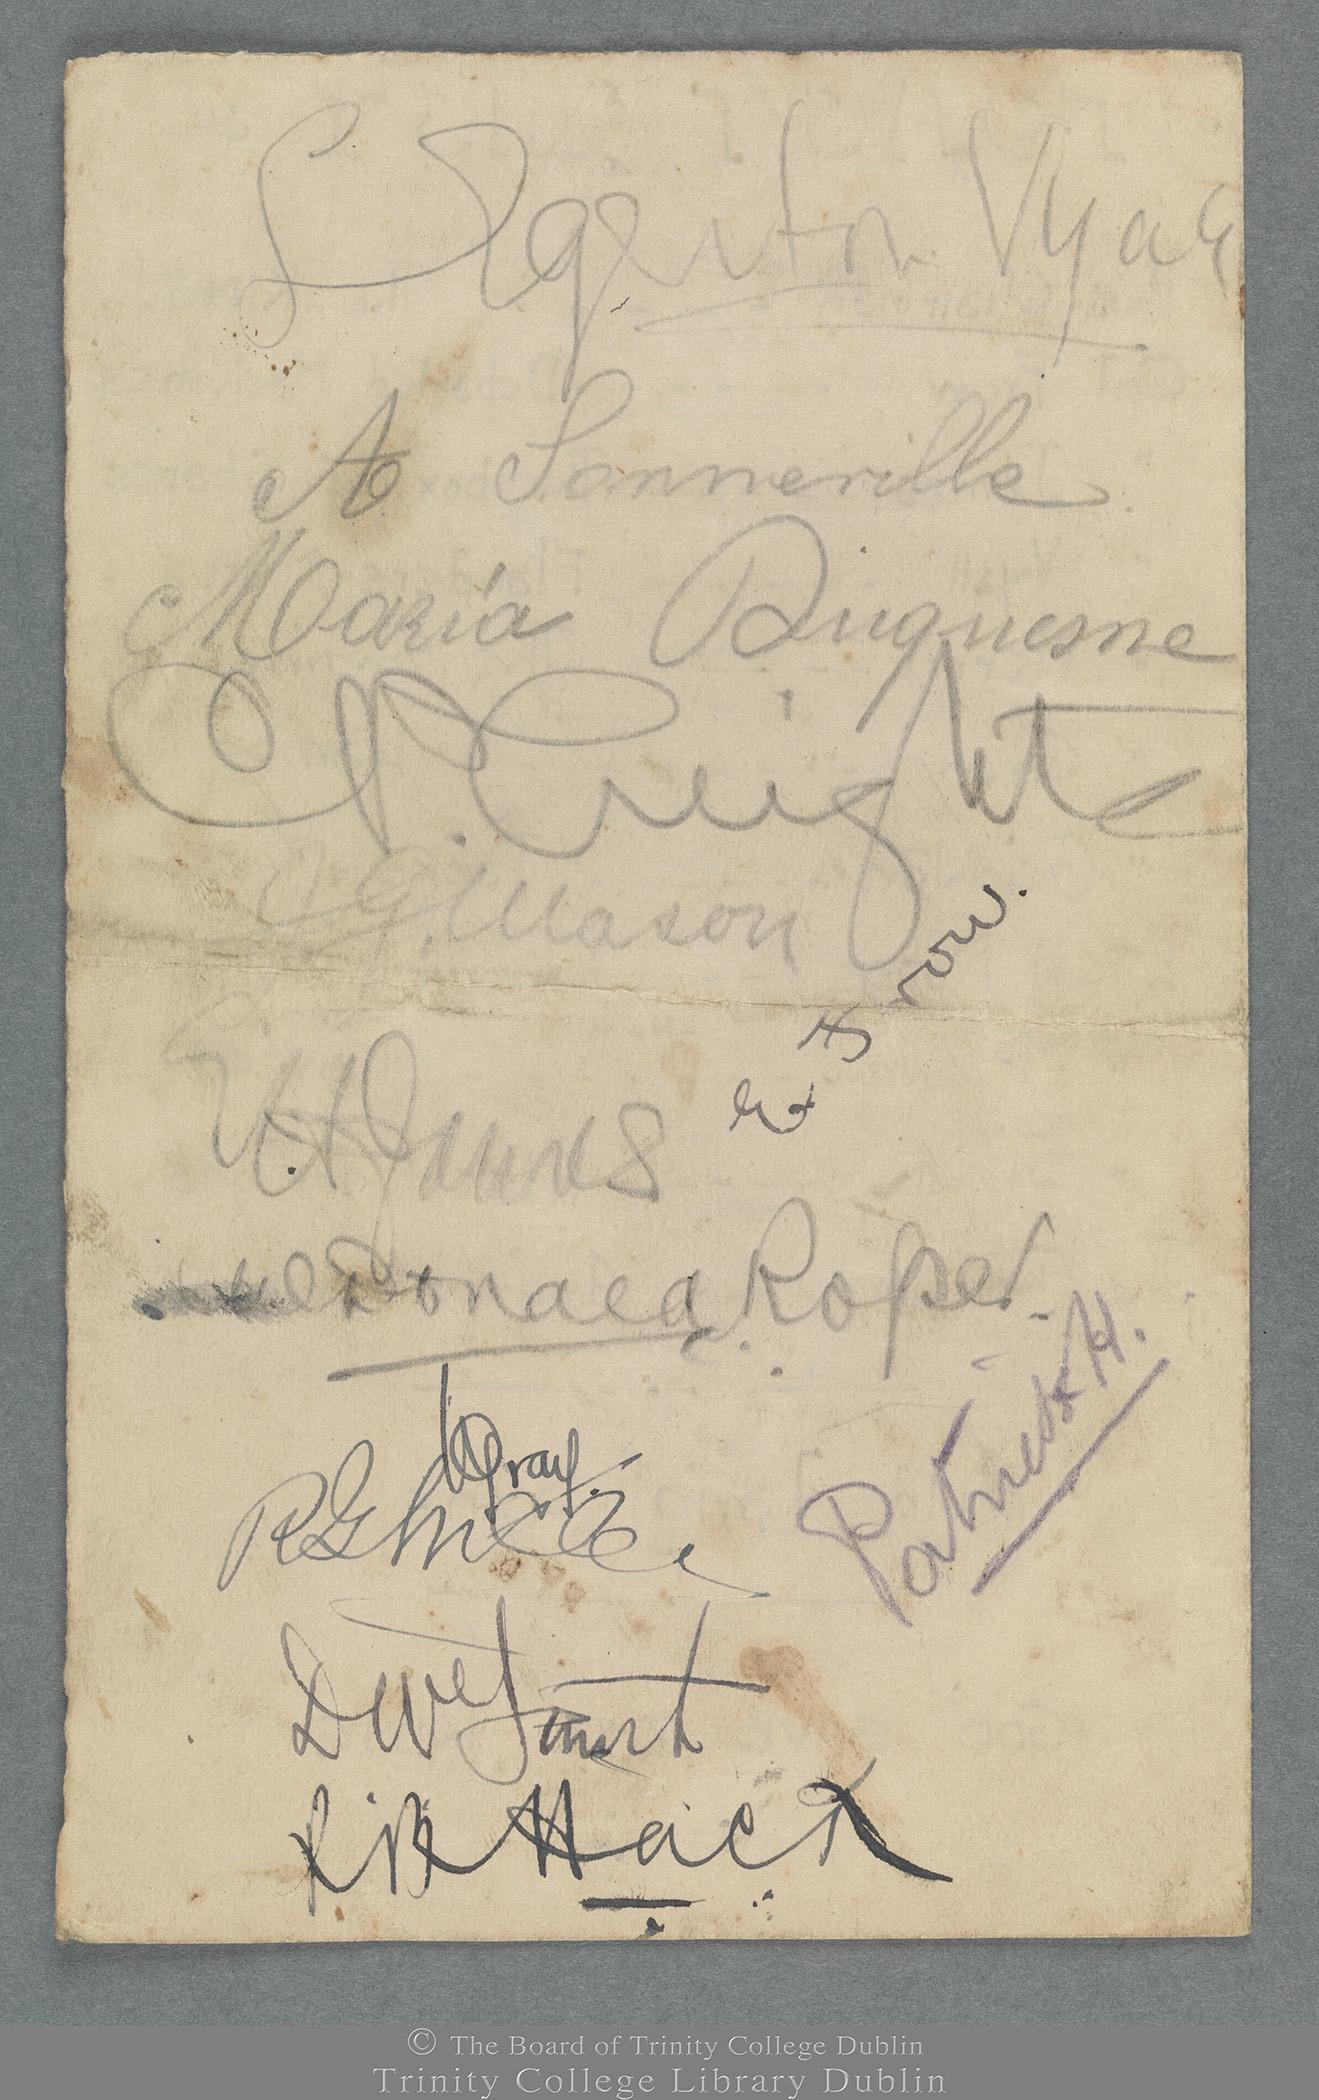 TCD MS 11274/17 folio 2 verso